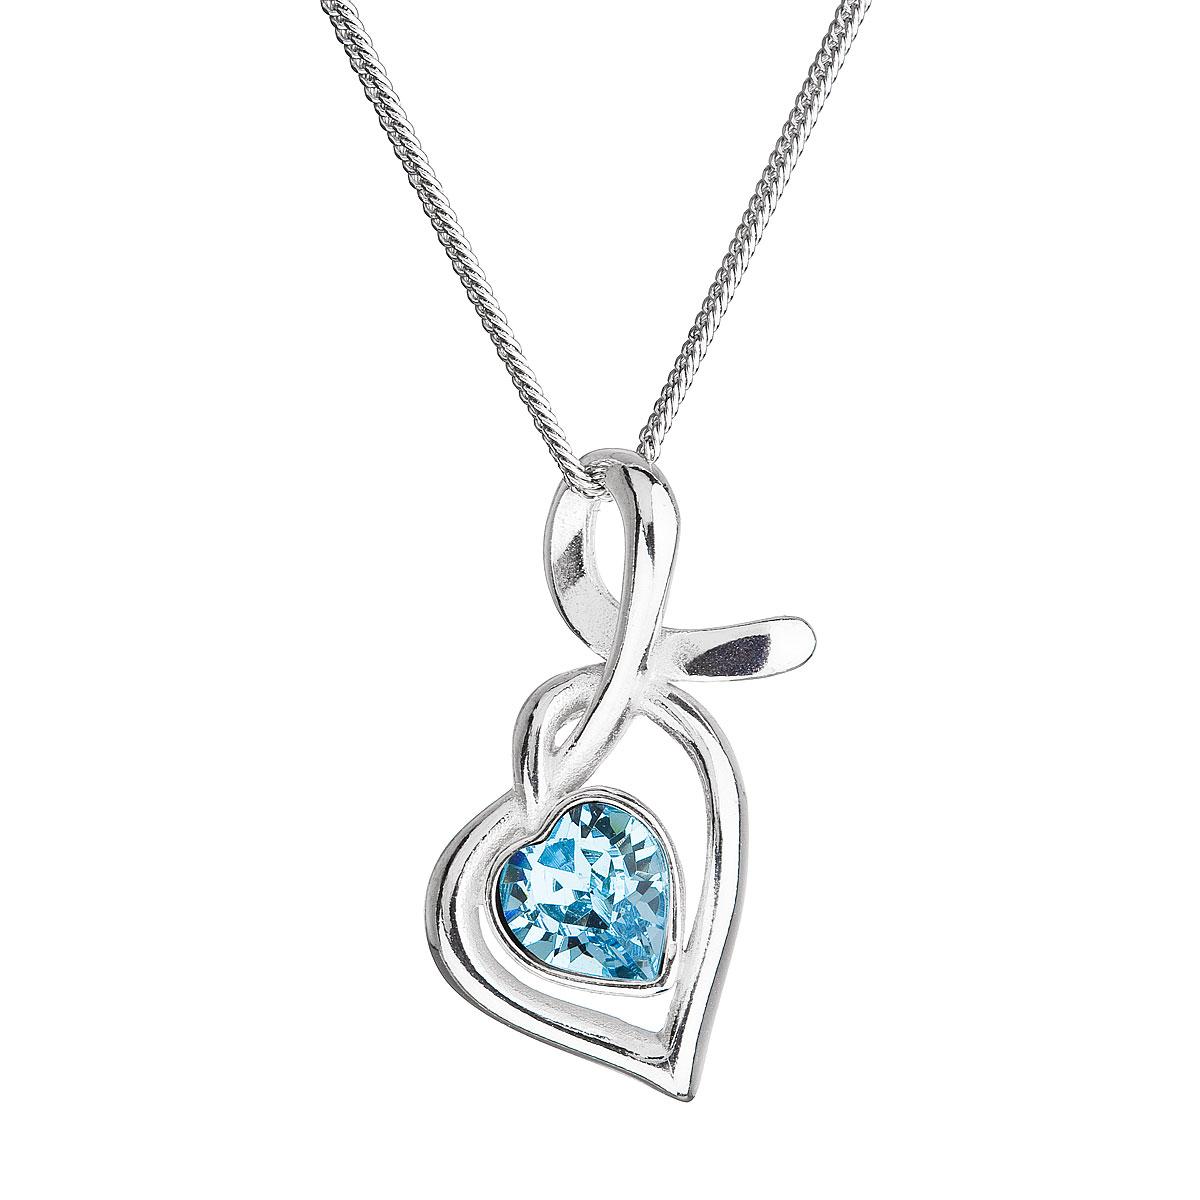 Strieborný náhrdelník so Swarovski kryštálmi srdce modré 32071.3